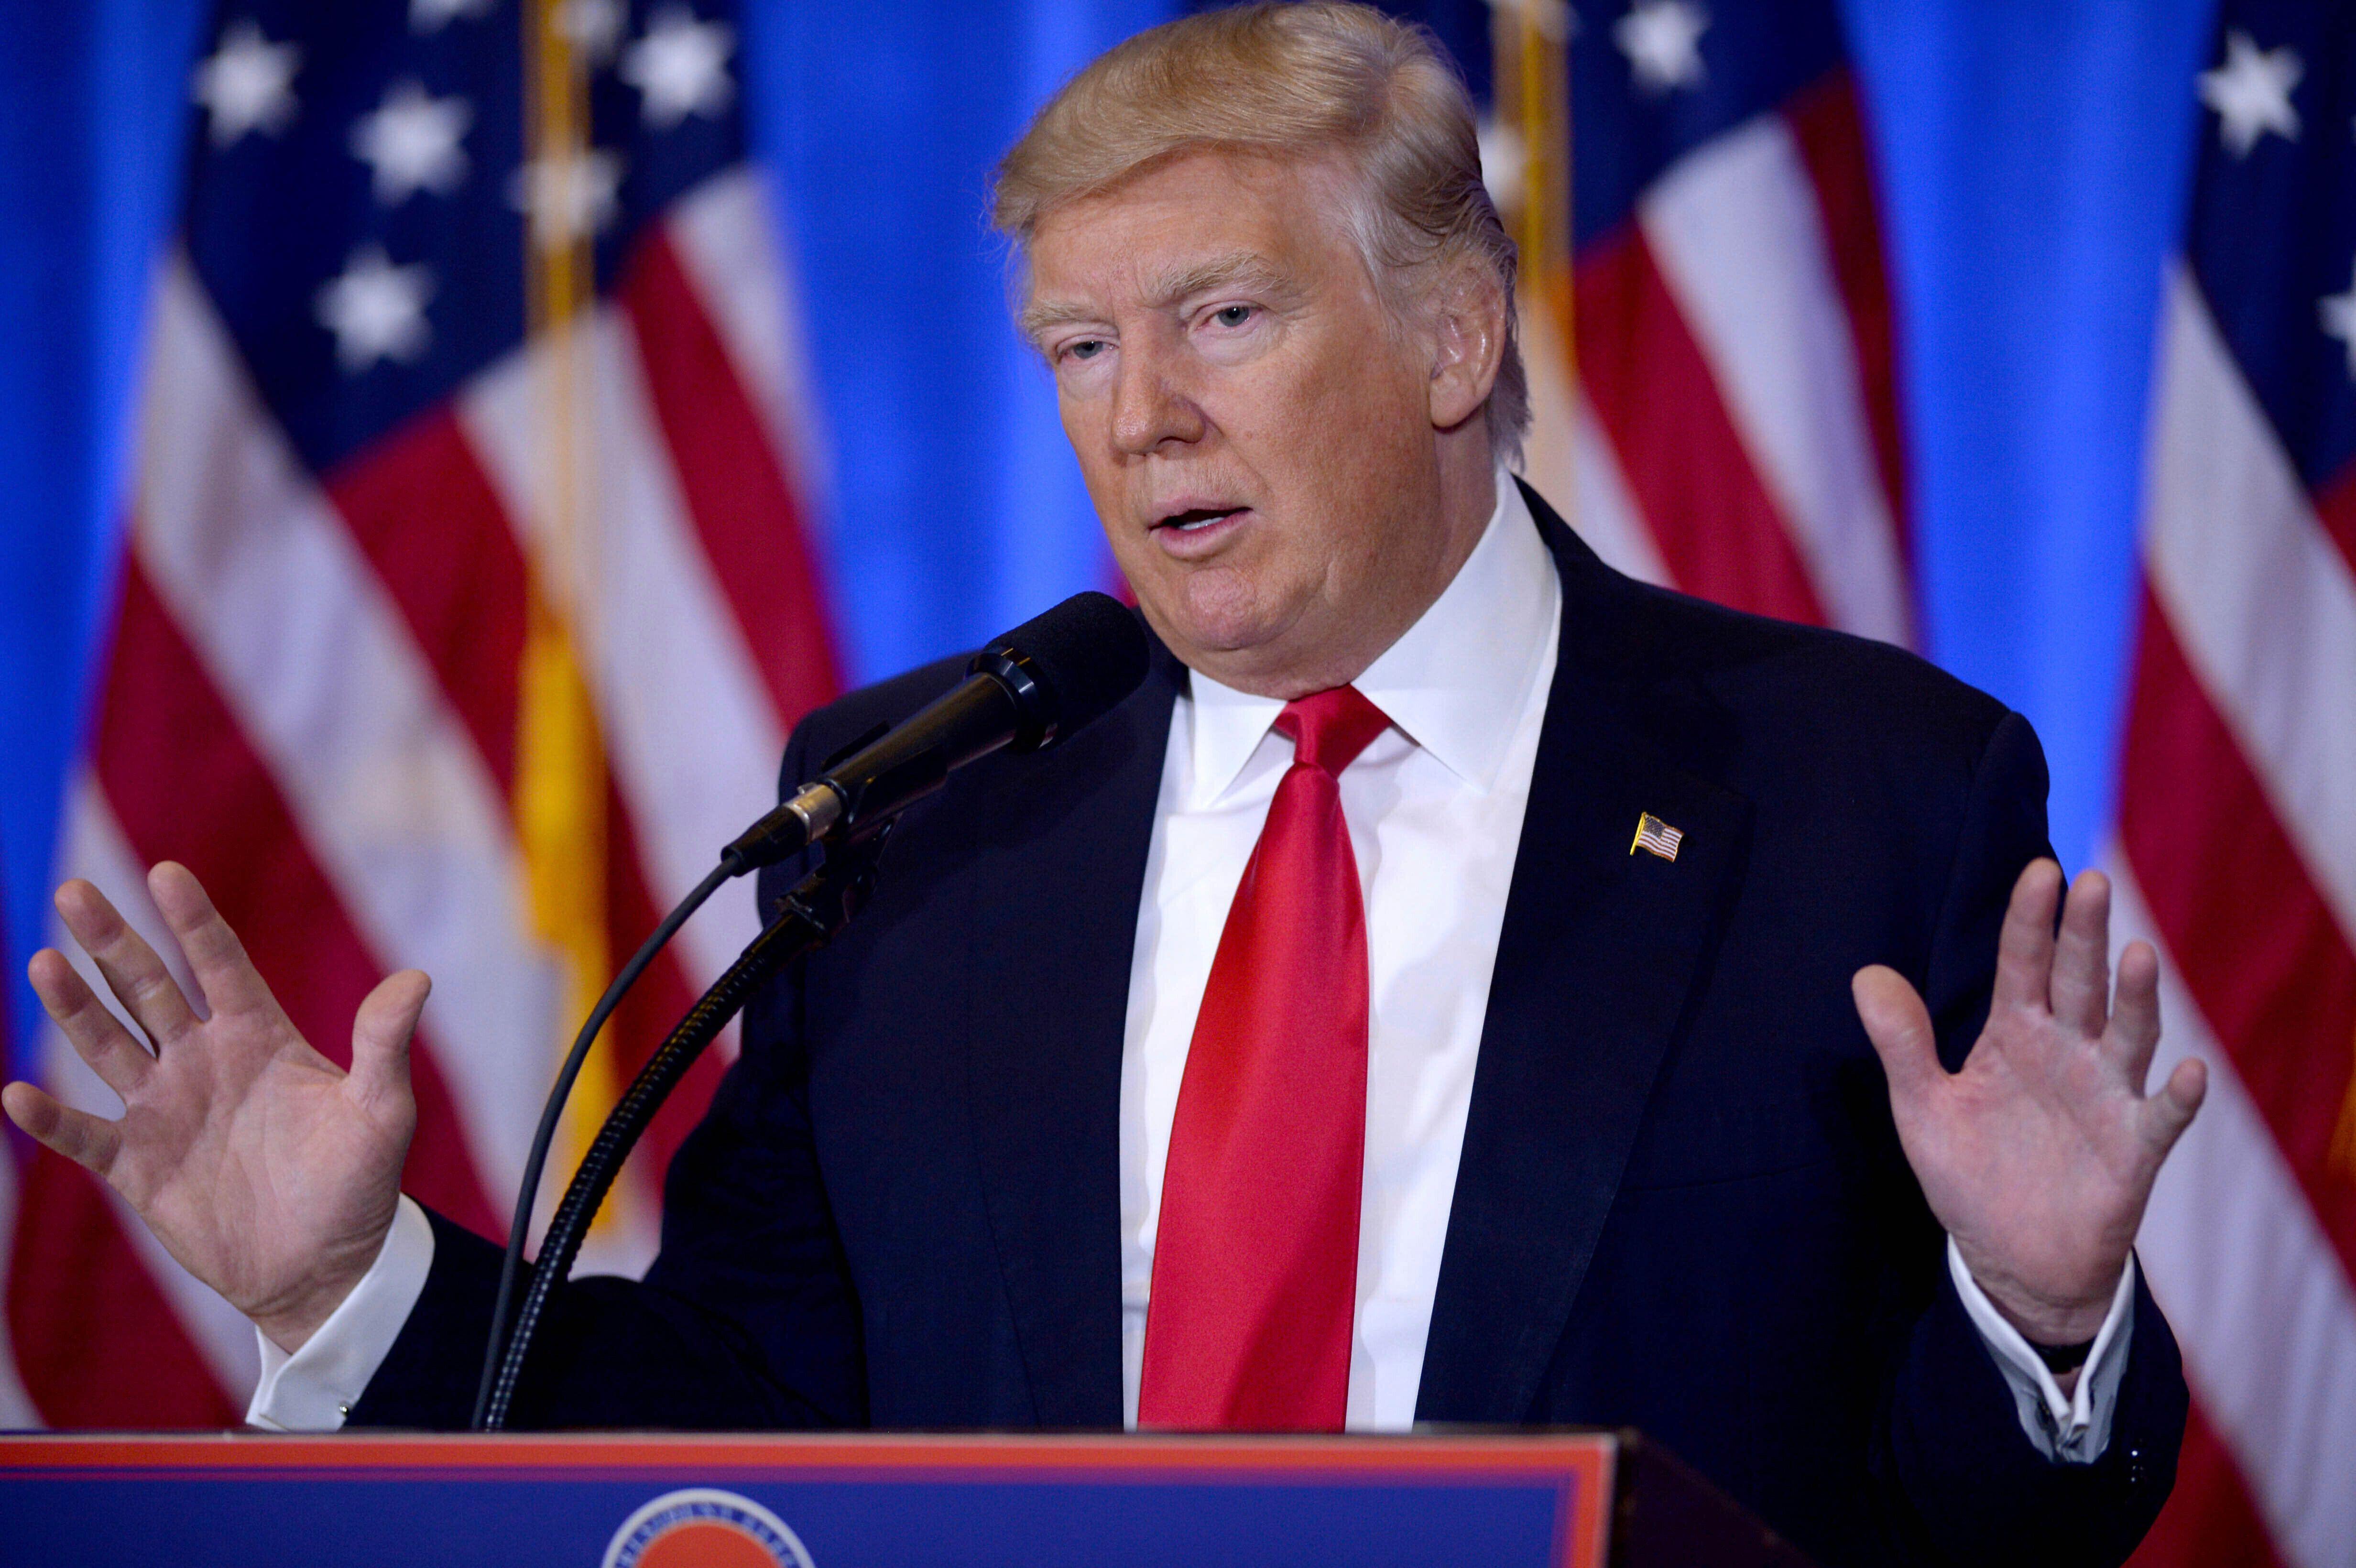 Donald Trump en conférence de presse le 8 octobre 2020 avant le deuxième débat présidentielle...